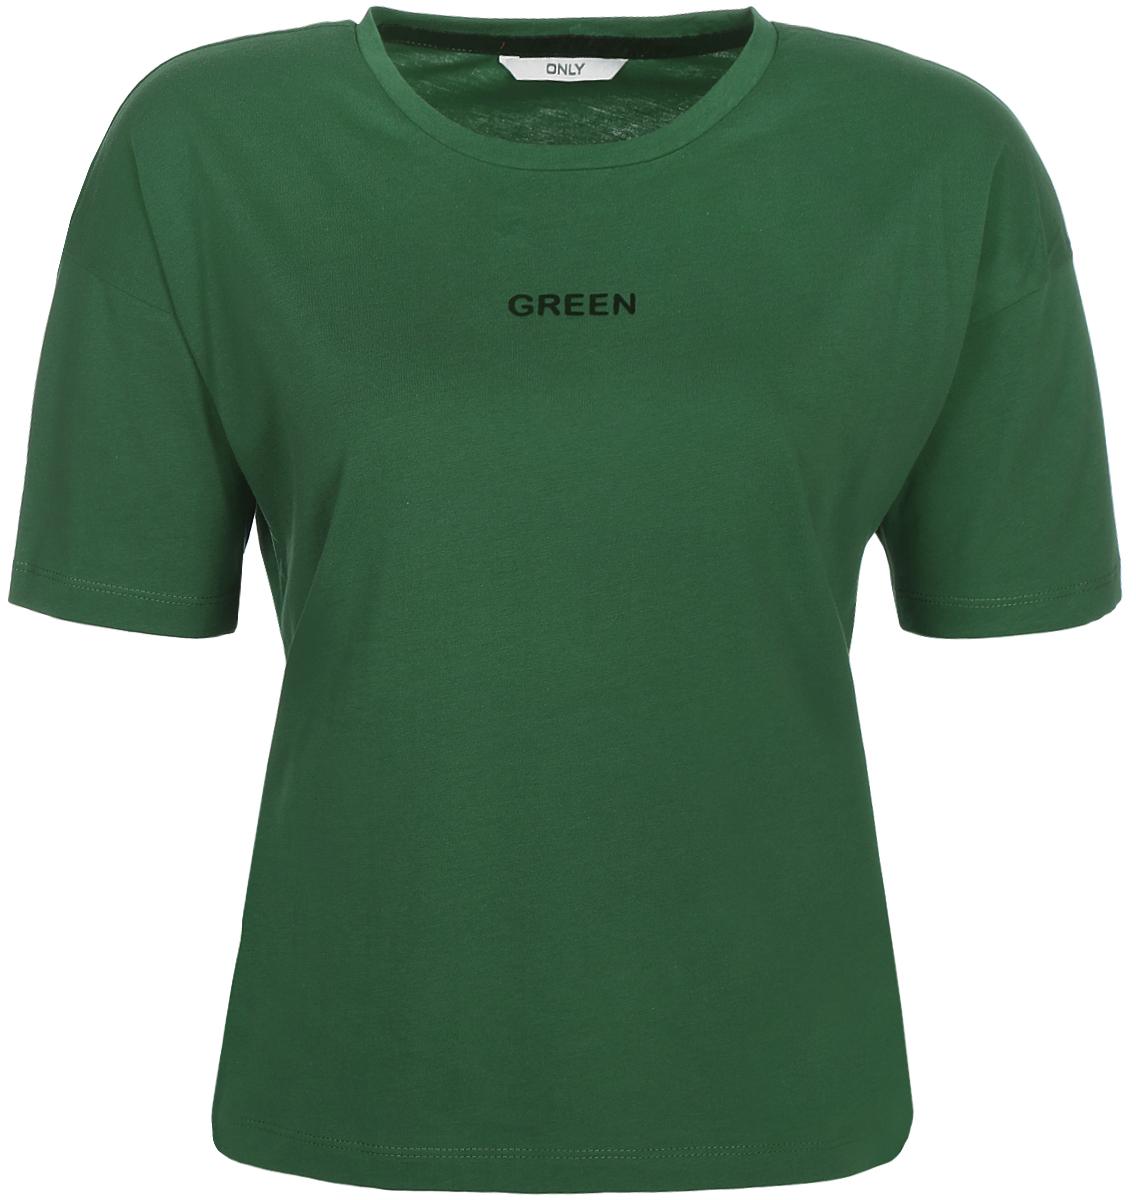 Футболка женская Only, цвет: зеленый. 15150344_Dark Green. Размер 42/44 куртка женская only цвет черный 15140836